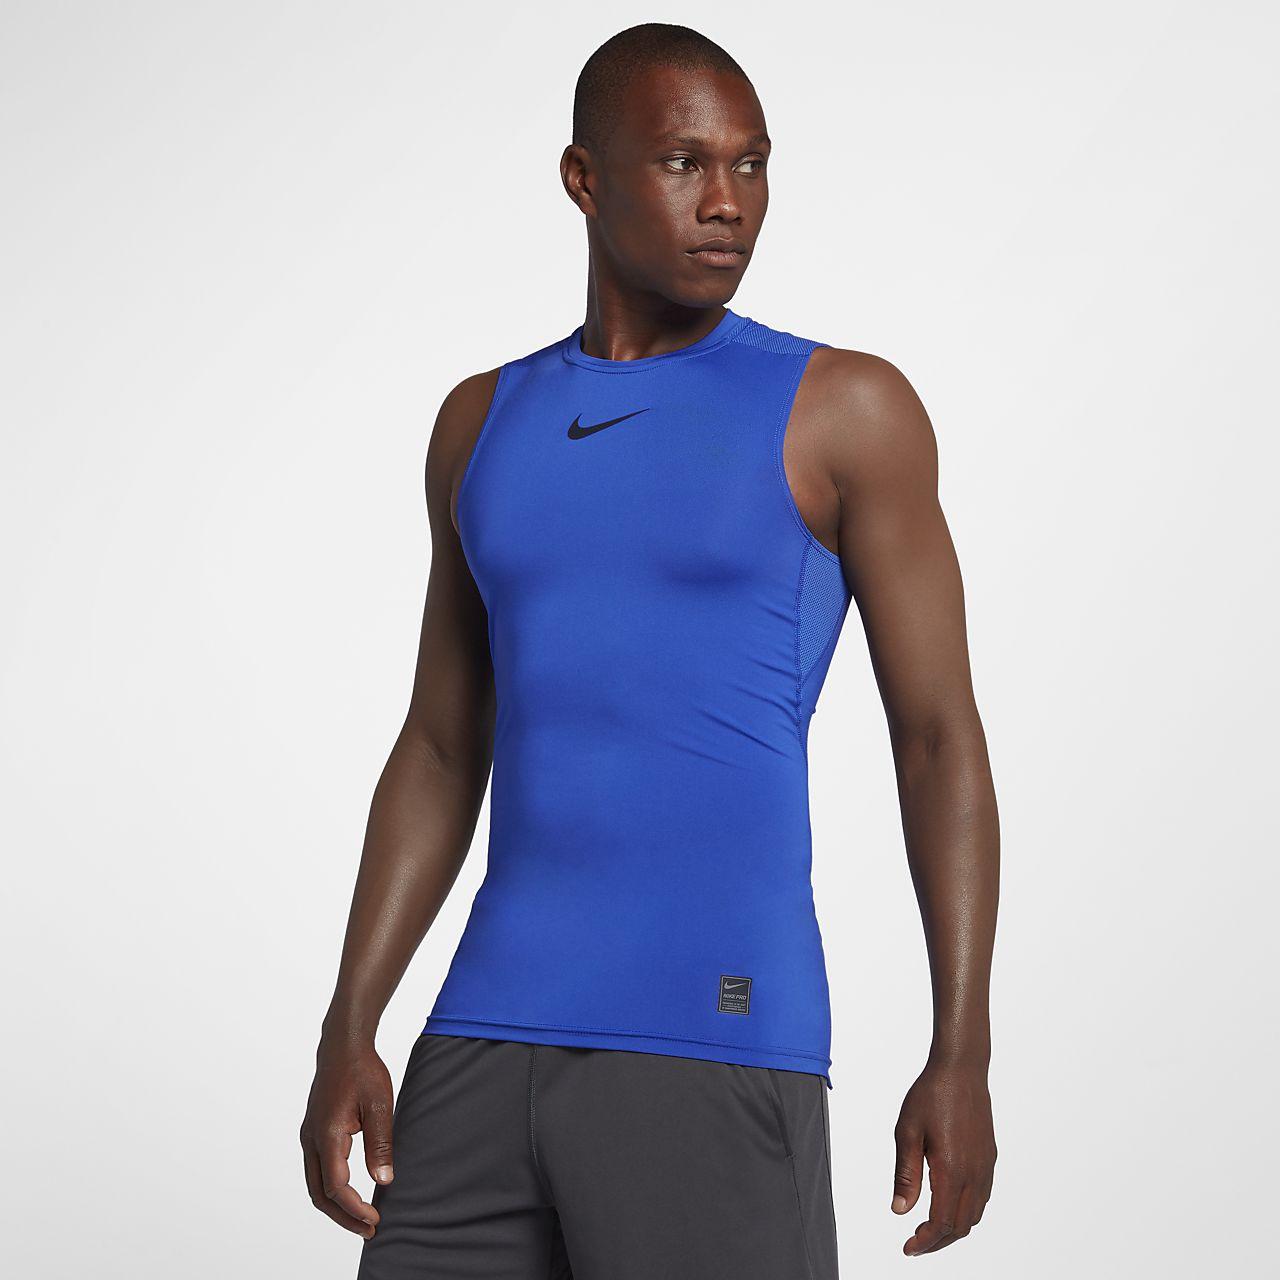 ... Nike Pro Camiseta de entrenamiento sin mangas - Hombre